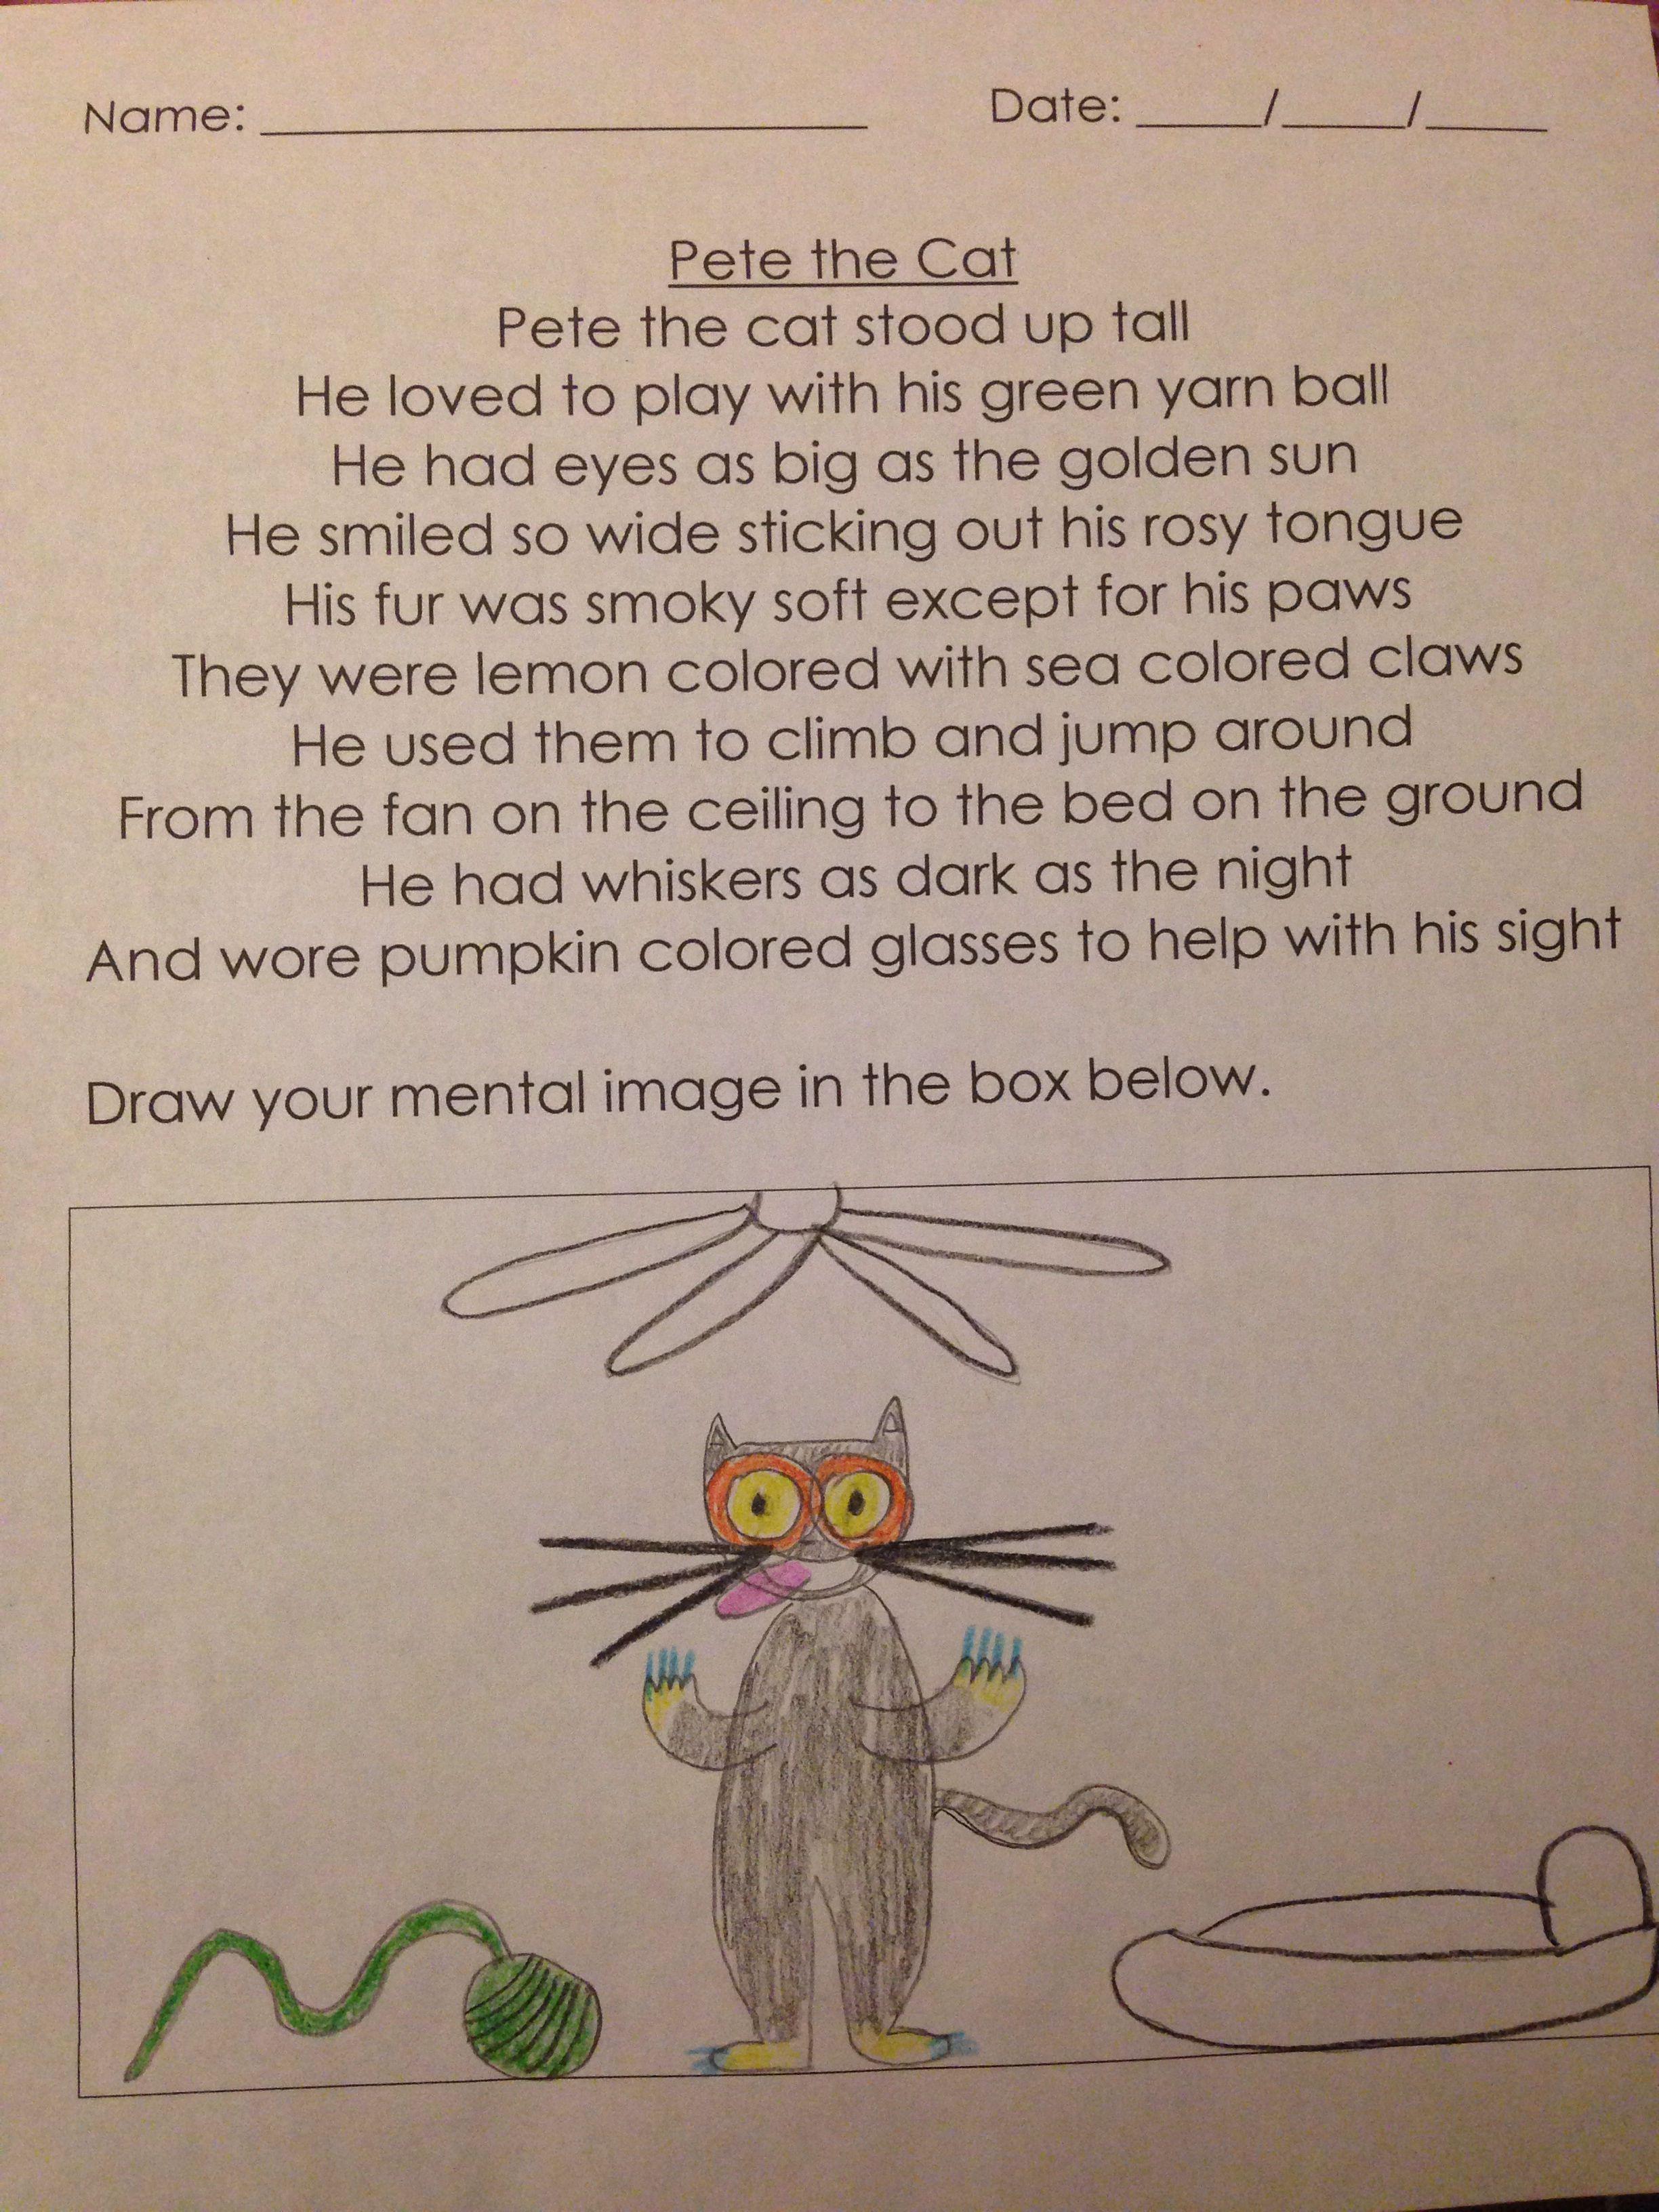 Visualization Mental Image Poem For Kindergarten Poetry Unit Pete Free Reading Comprehension Worksheets Kindergarten Poems Reading Comprehension Worksheets [ 3264 x 2448 Pixel ]